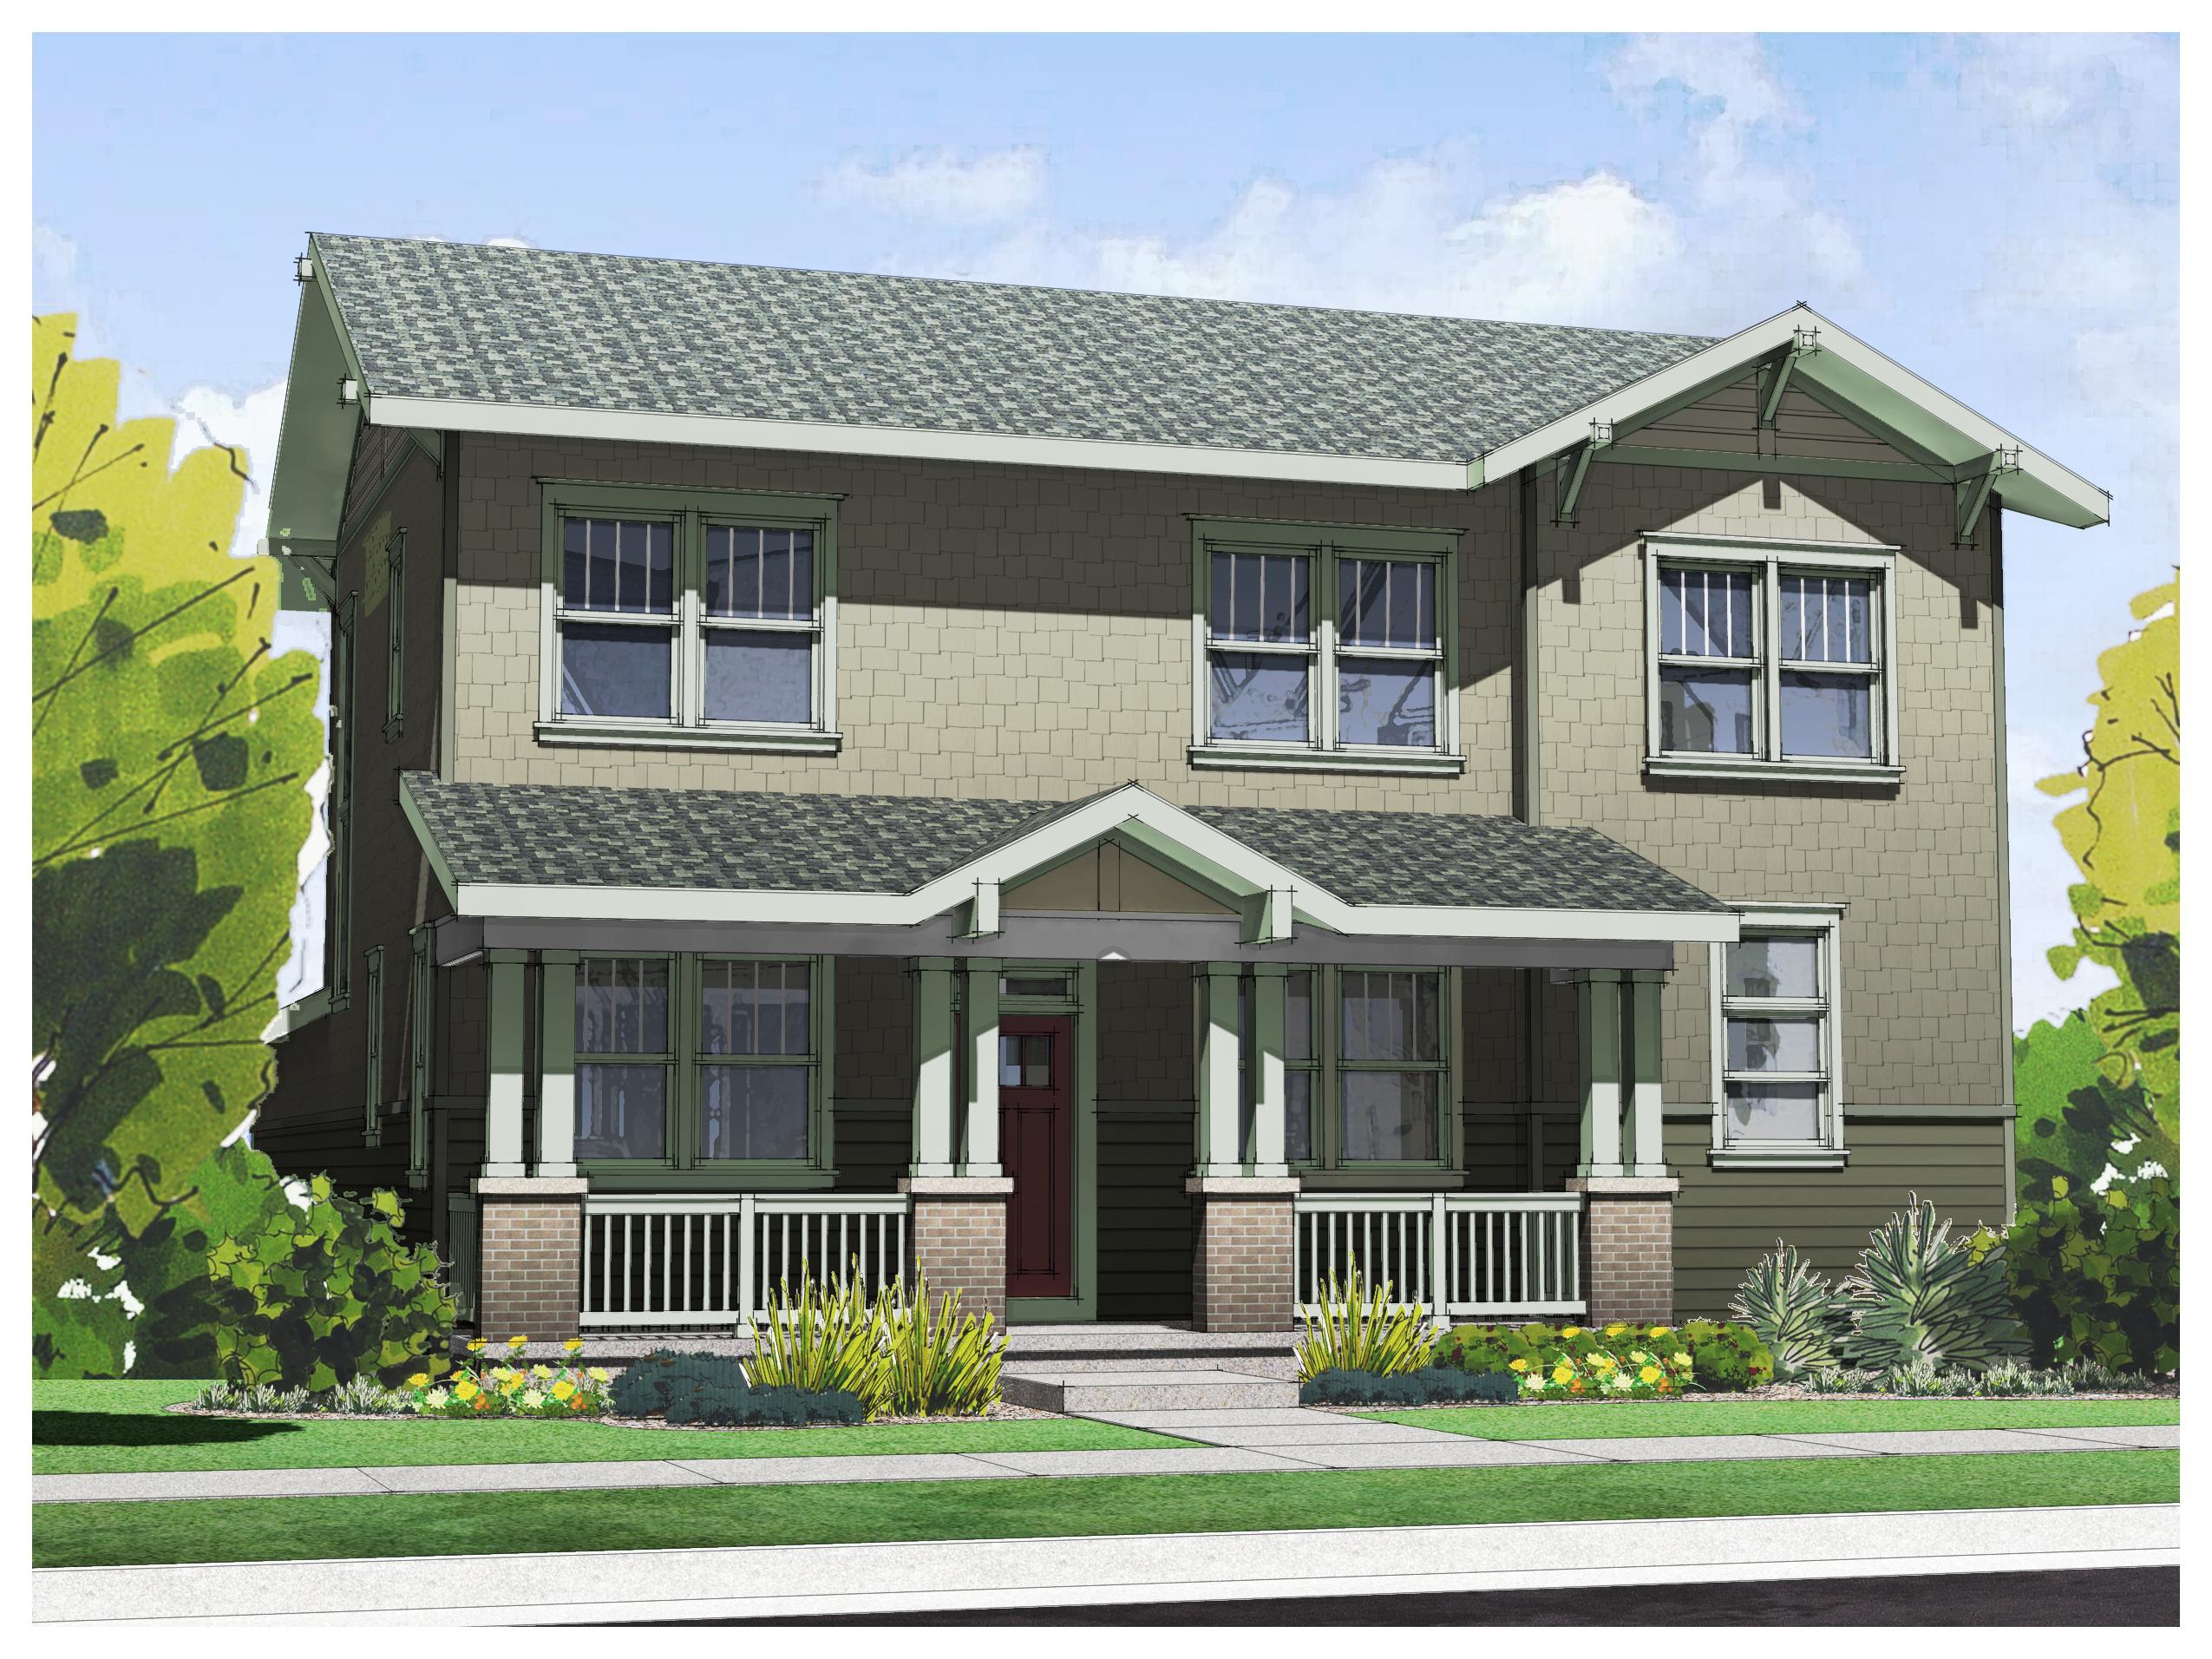 Thrive homebuilders archives stapleton denver for Thrive homes denver